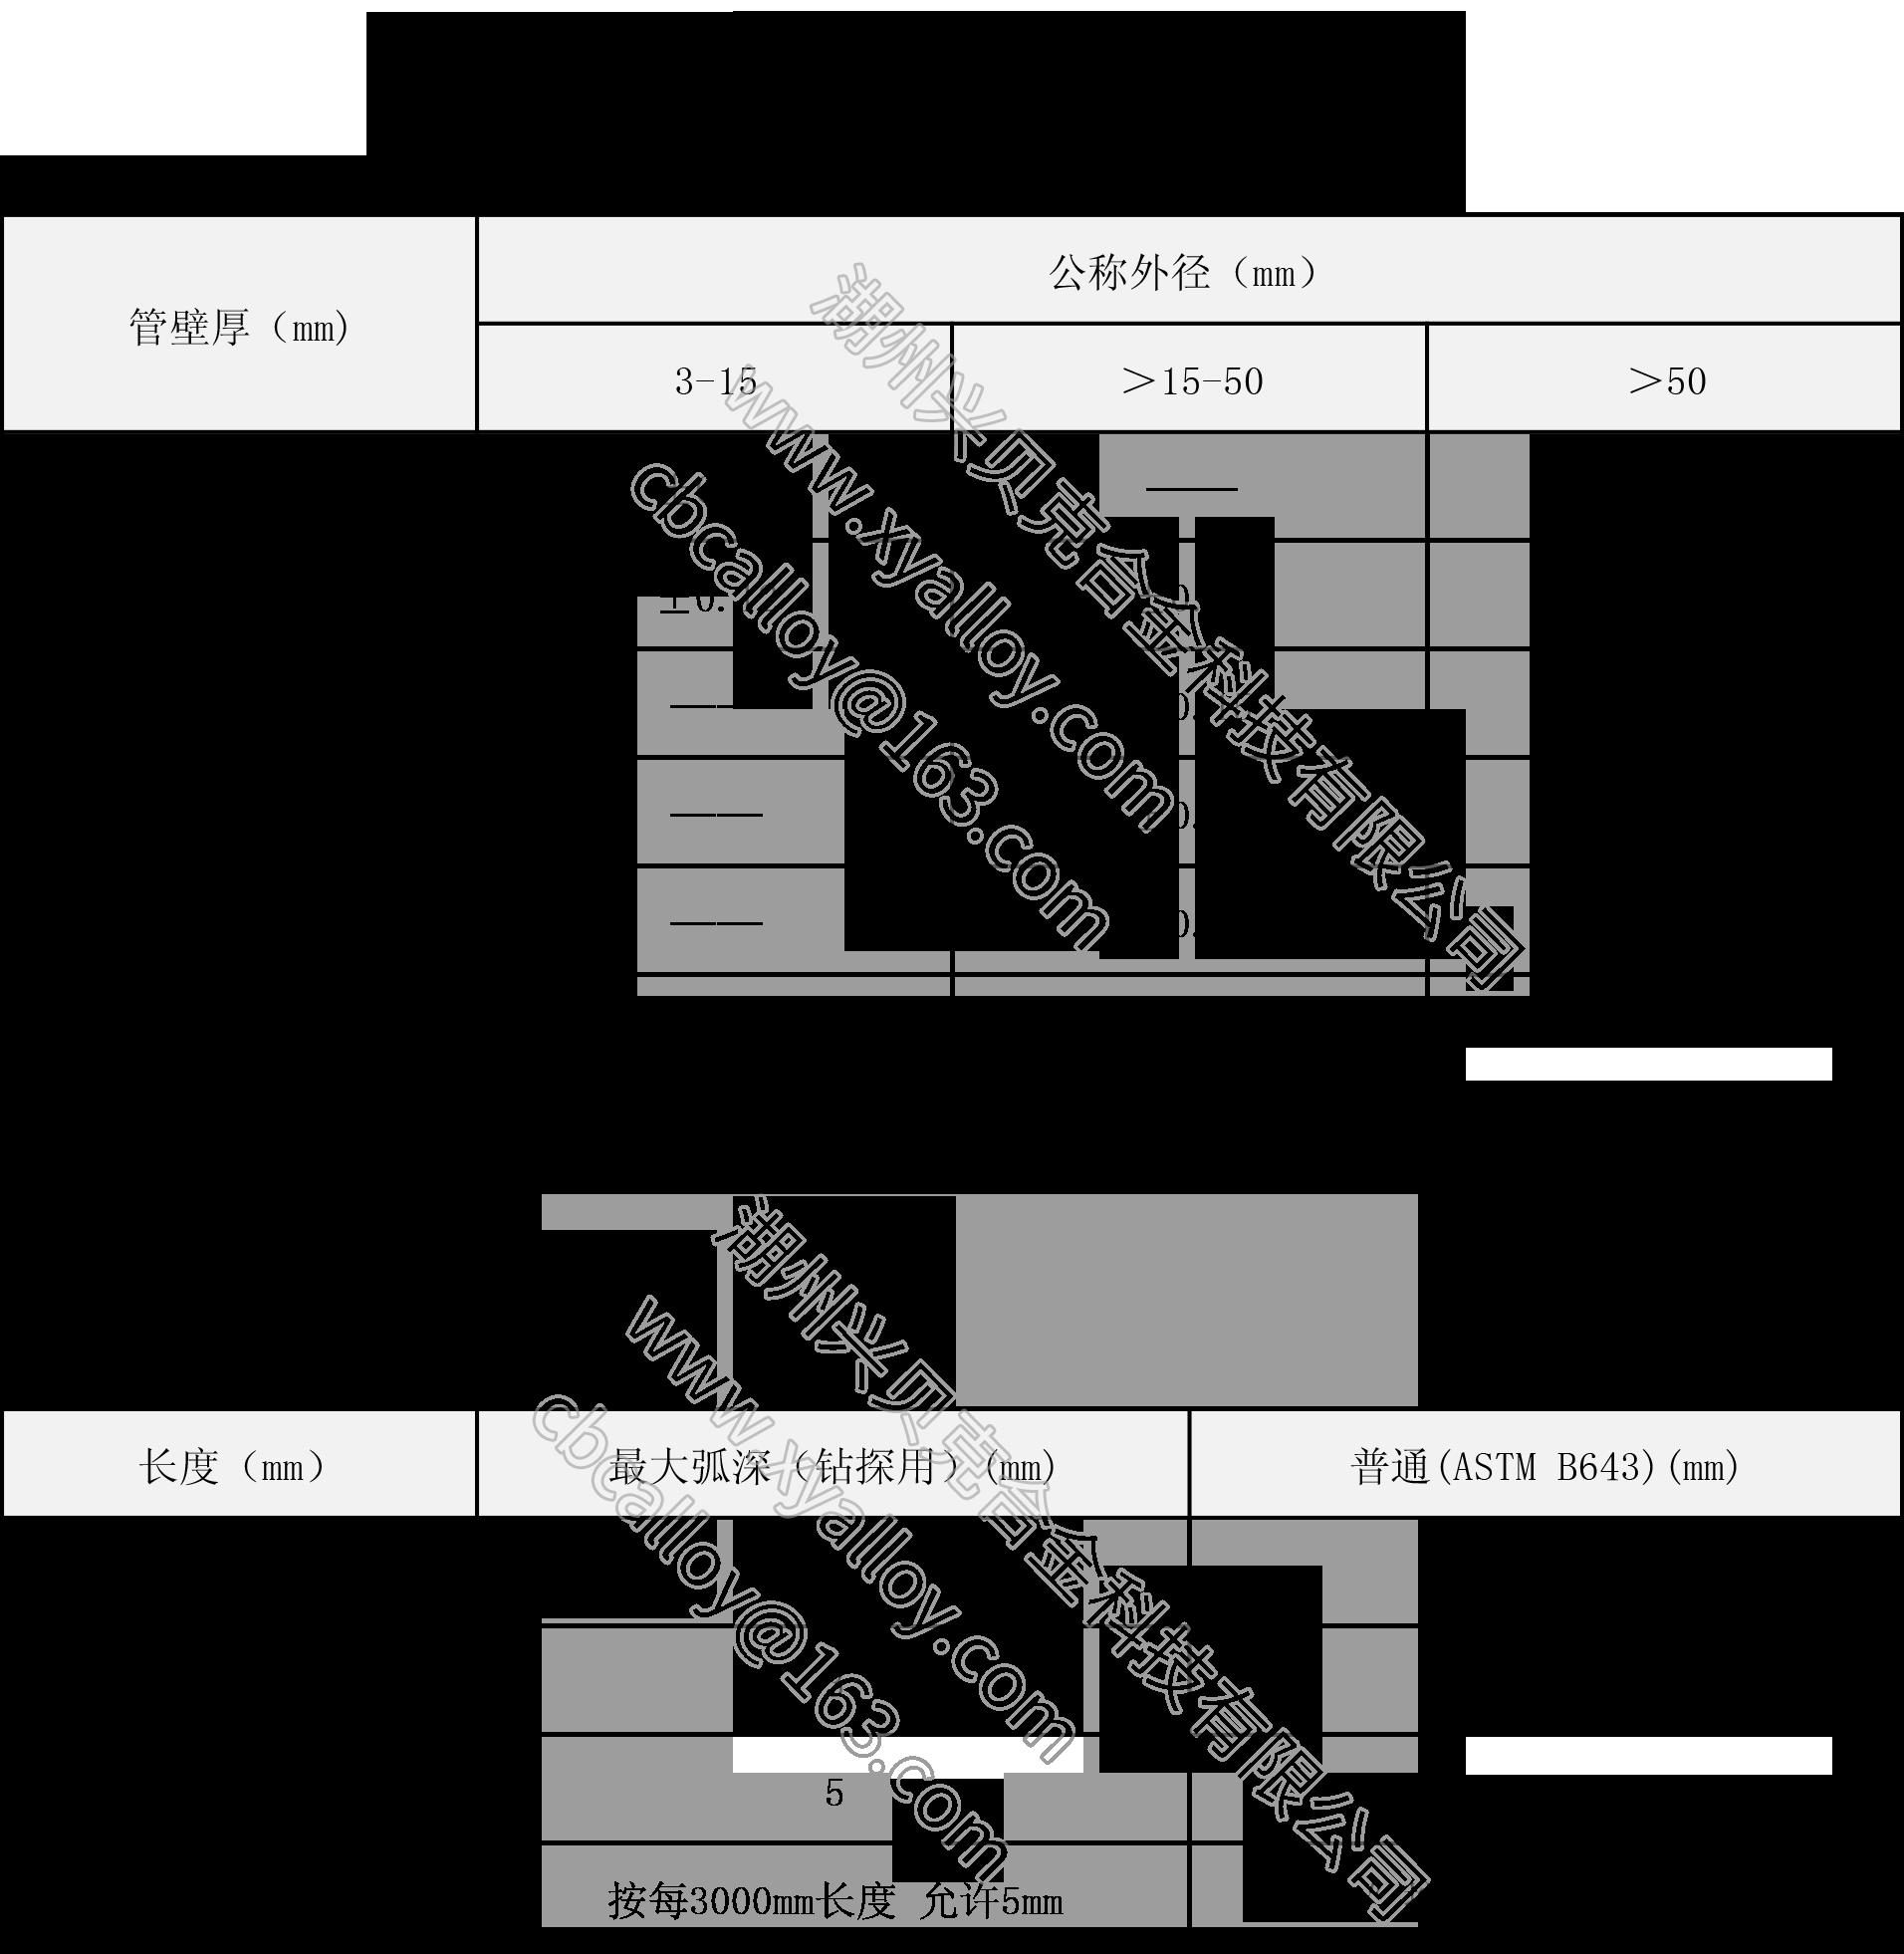 興貝克-鈹銅管-公差